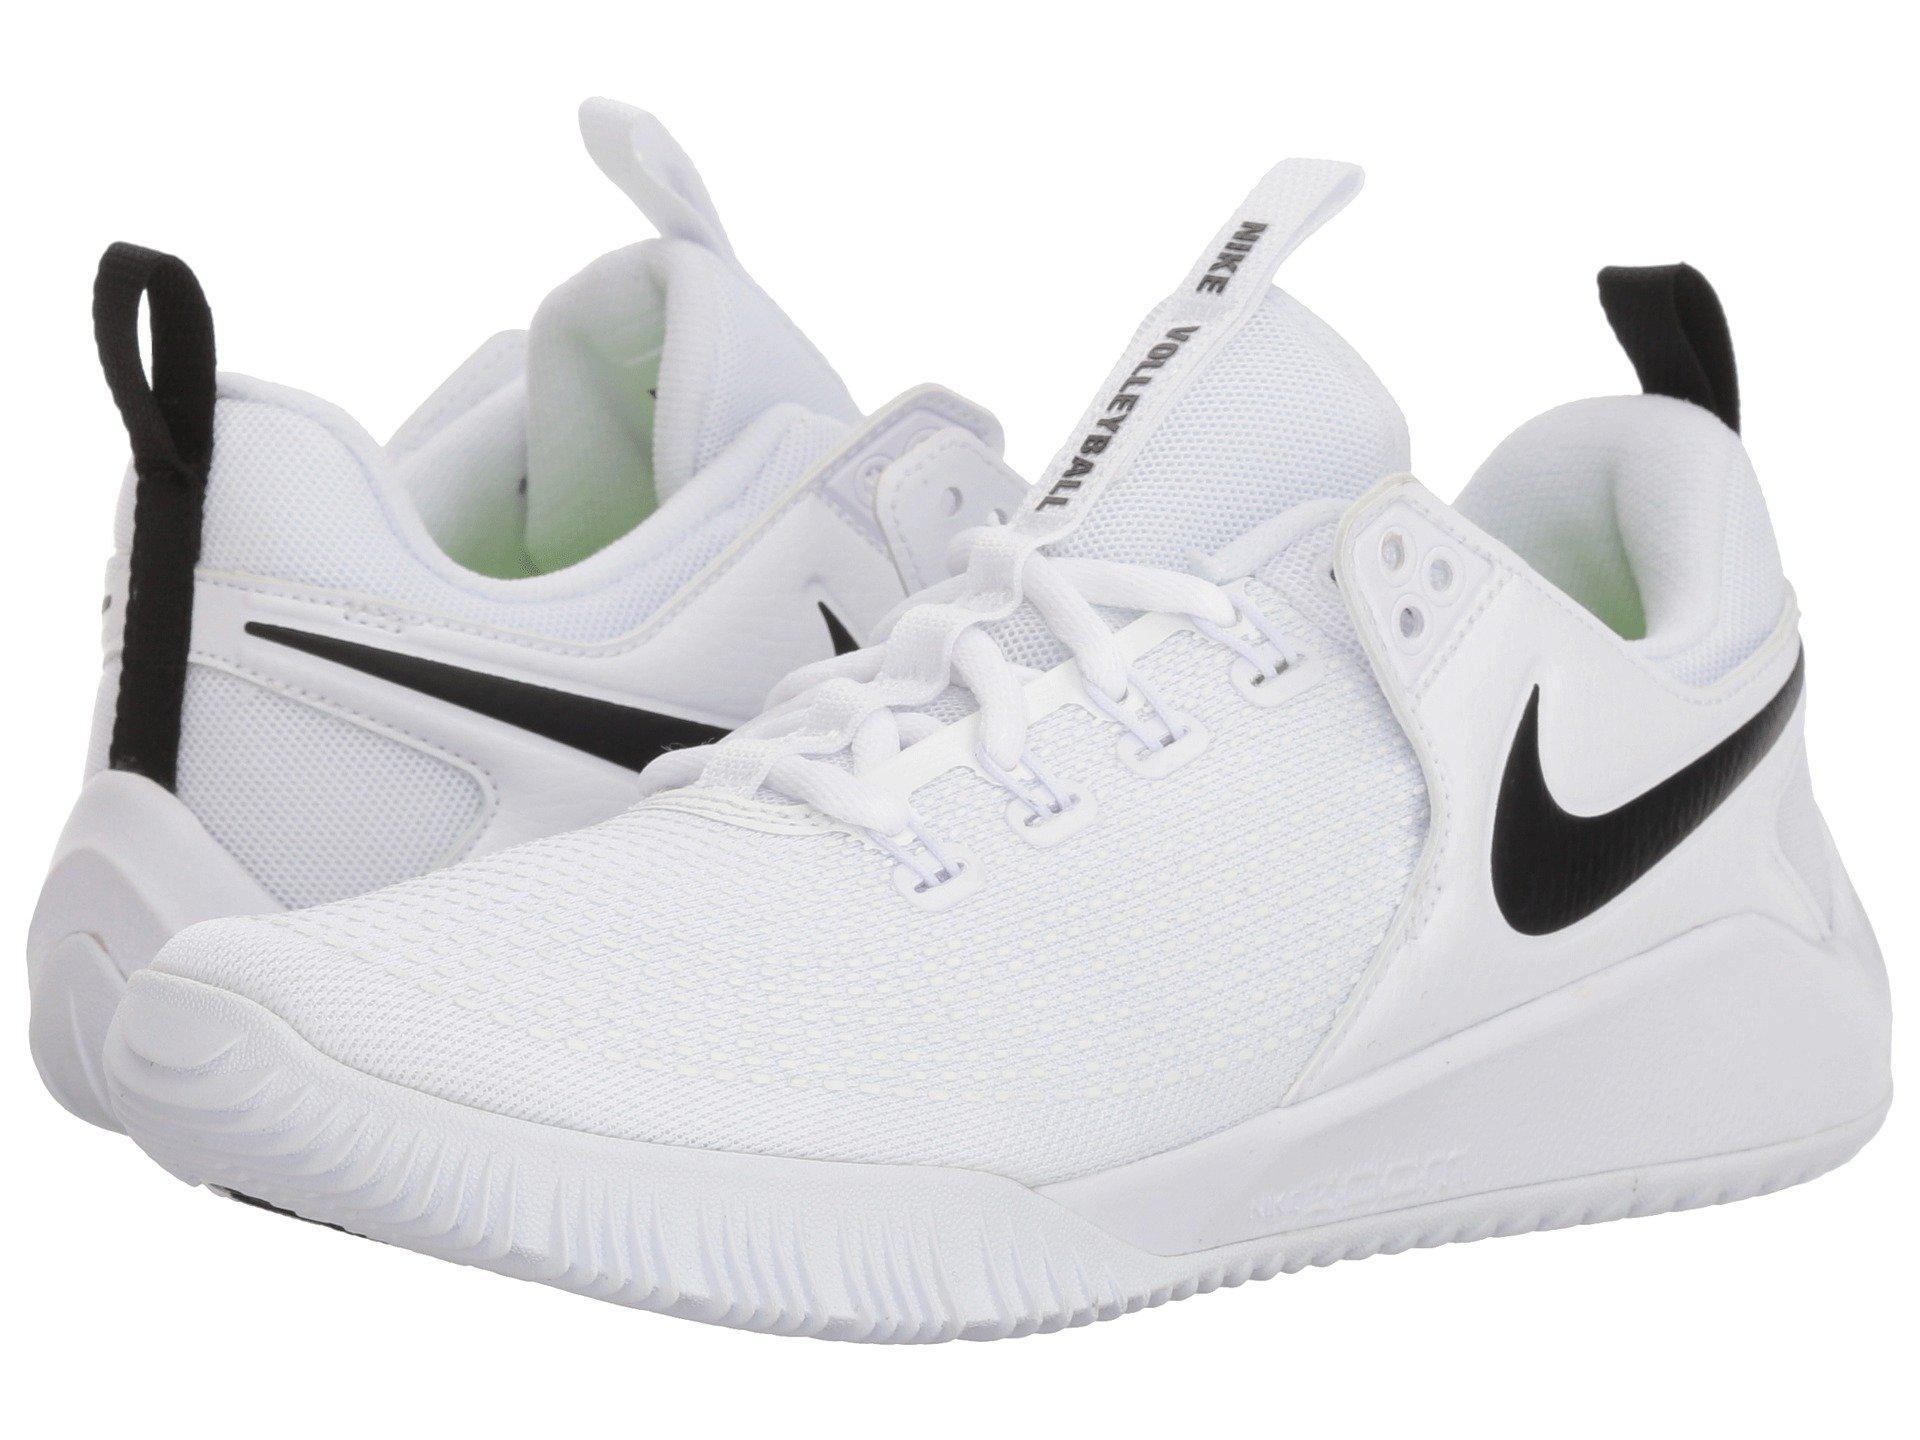 edb5368d4308 Lyst - Nike Zoom Hyperace 2 (white black) Women s Cross Training ...